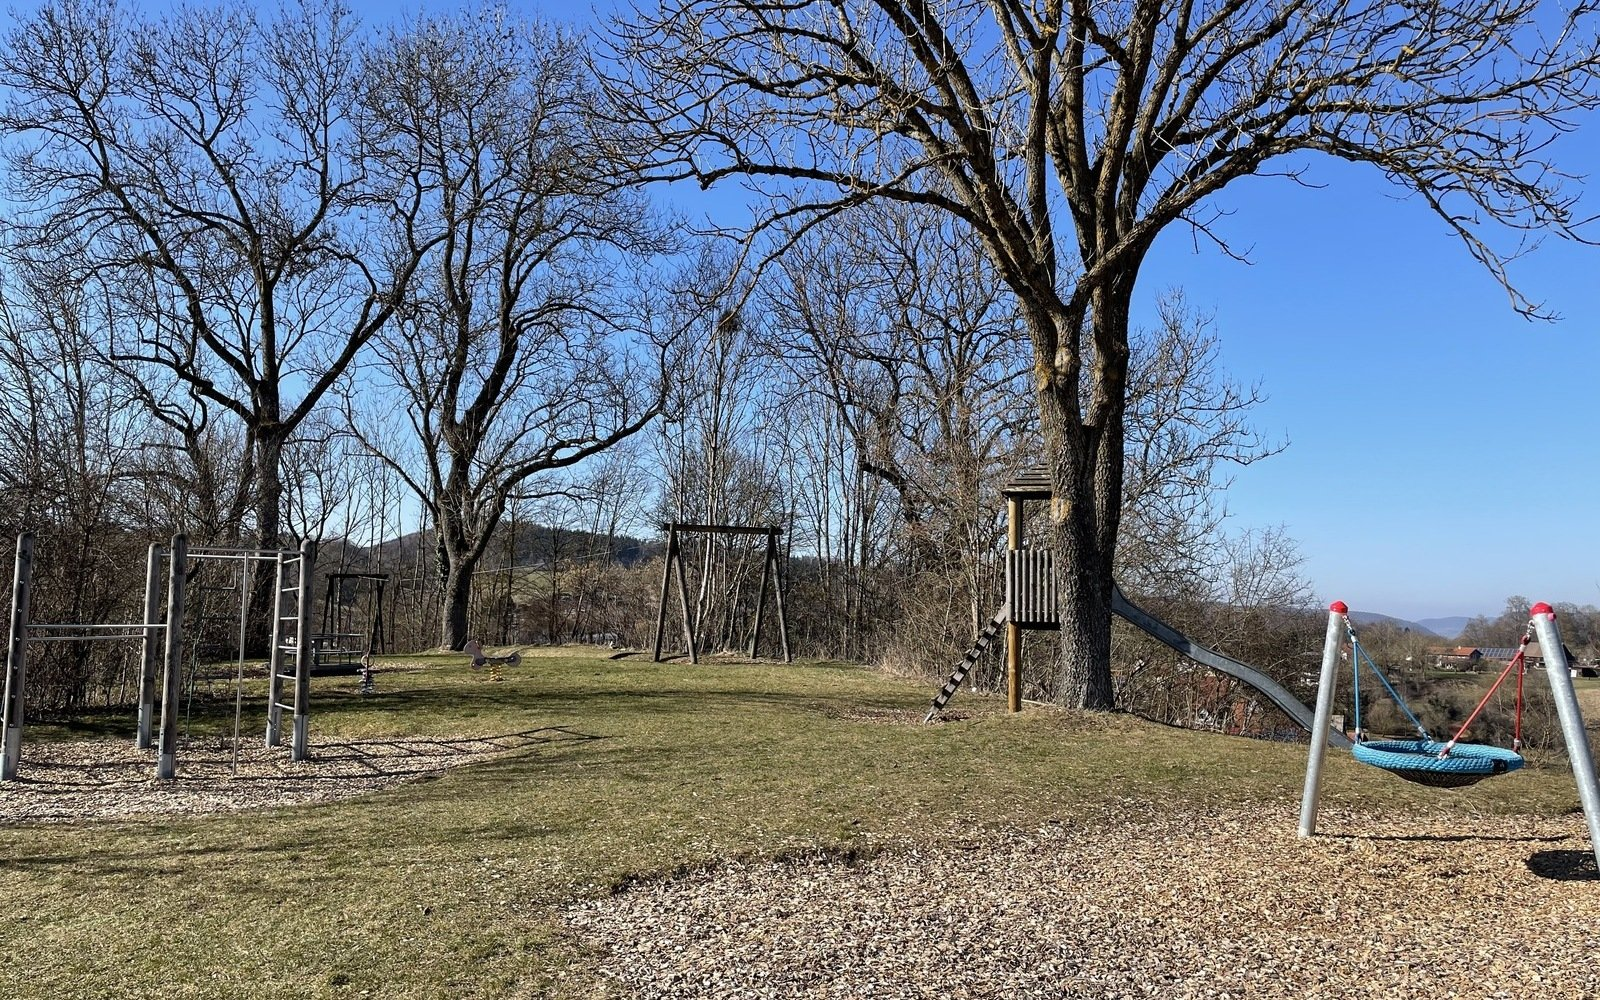 Ein Spielplatz mit einem Klettergerüst, einer Vogelnestschaukel und einer Rutsche bei strahlend blauem Himmel